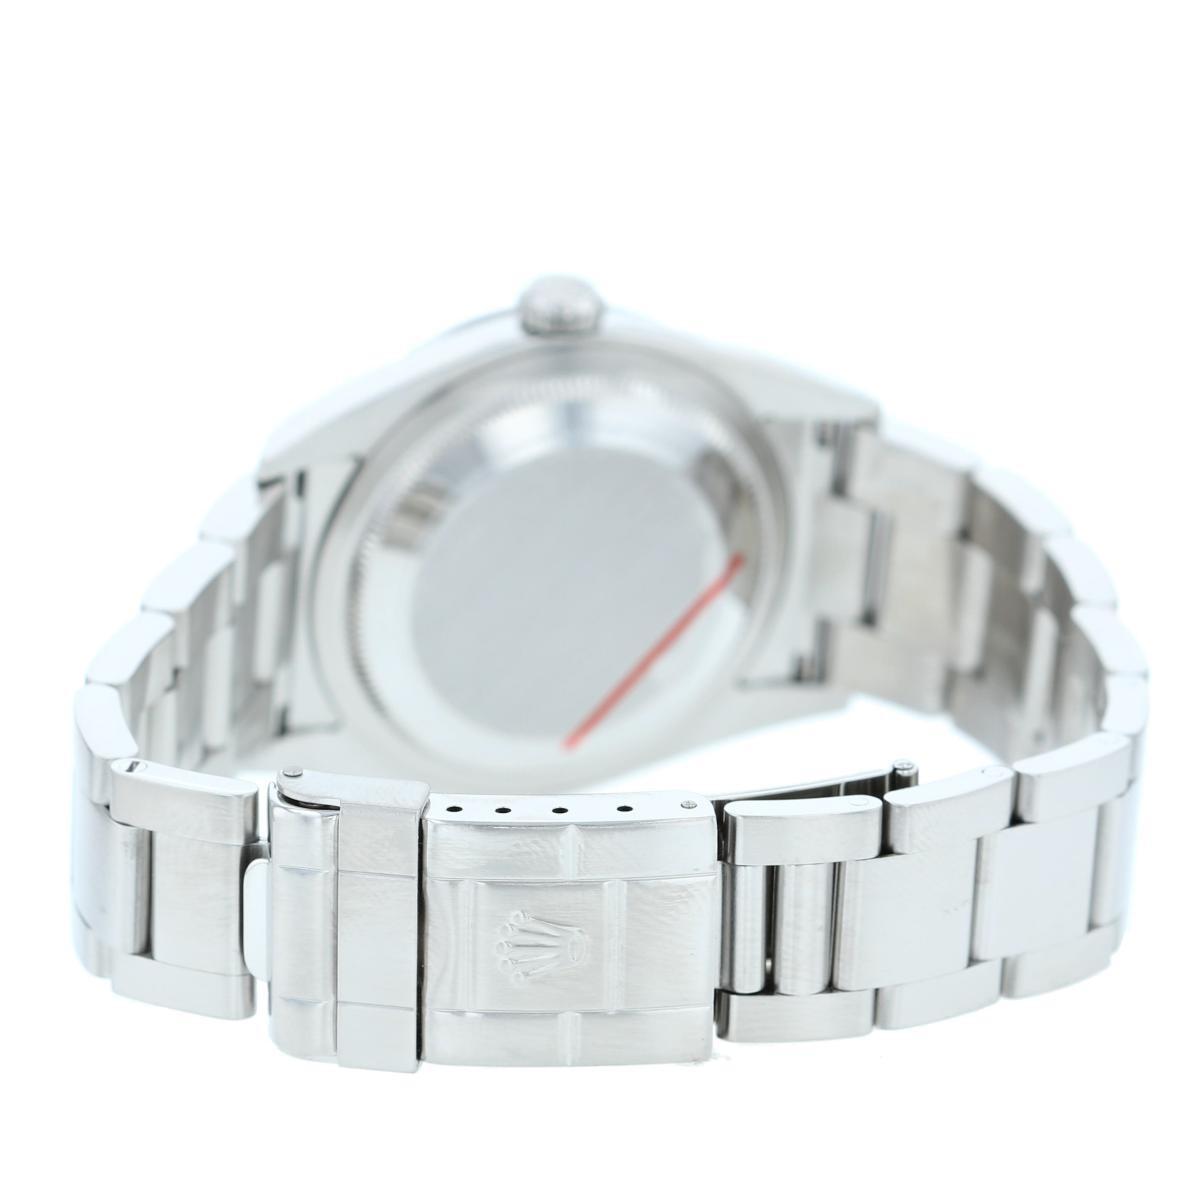 【中古】 ROLEX (ロレックス) エクスプローラーI 時計 自動巻き/メンズ EXPLORER� Black 114270 used:A